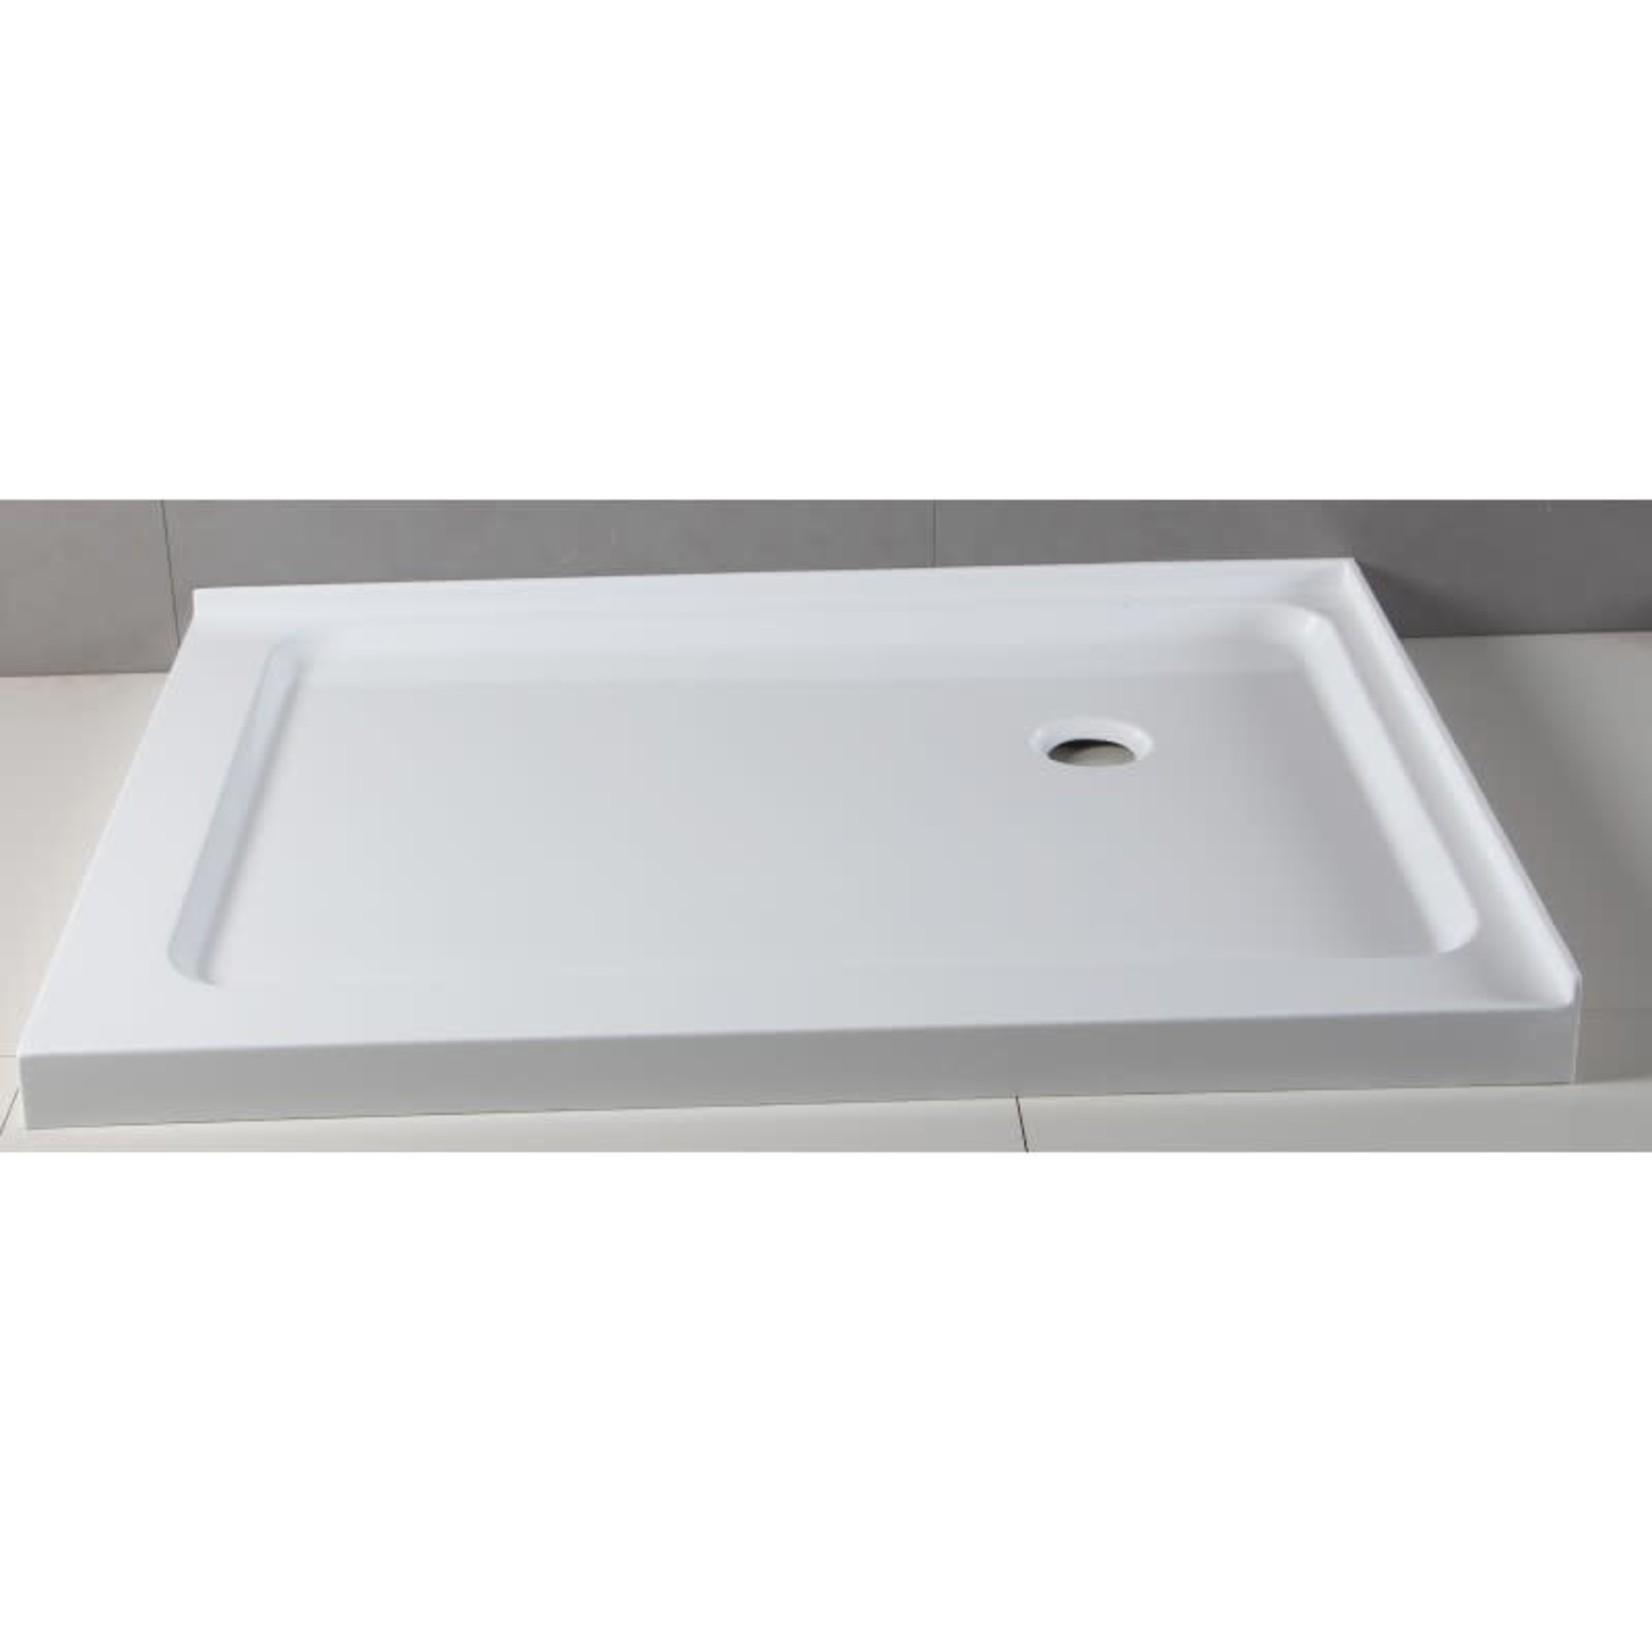 Base de douche 36x48 drain à 12-12 Installation droite Apo DI